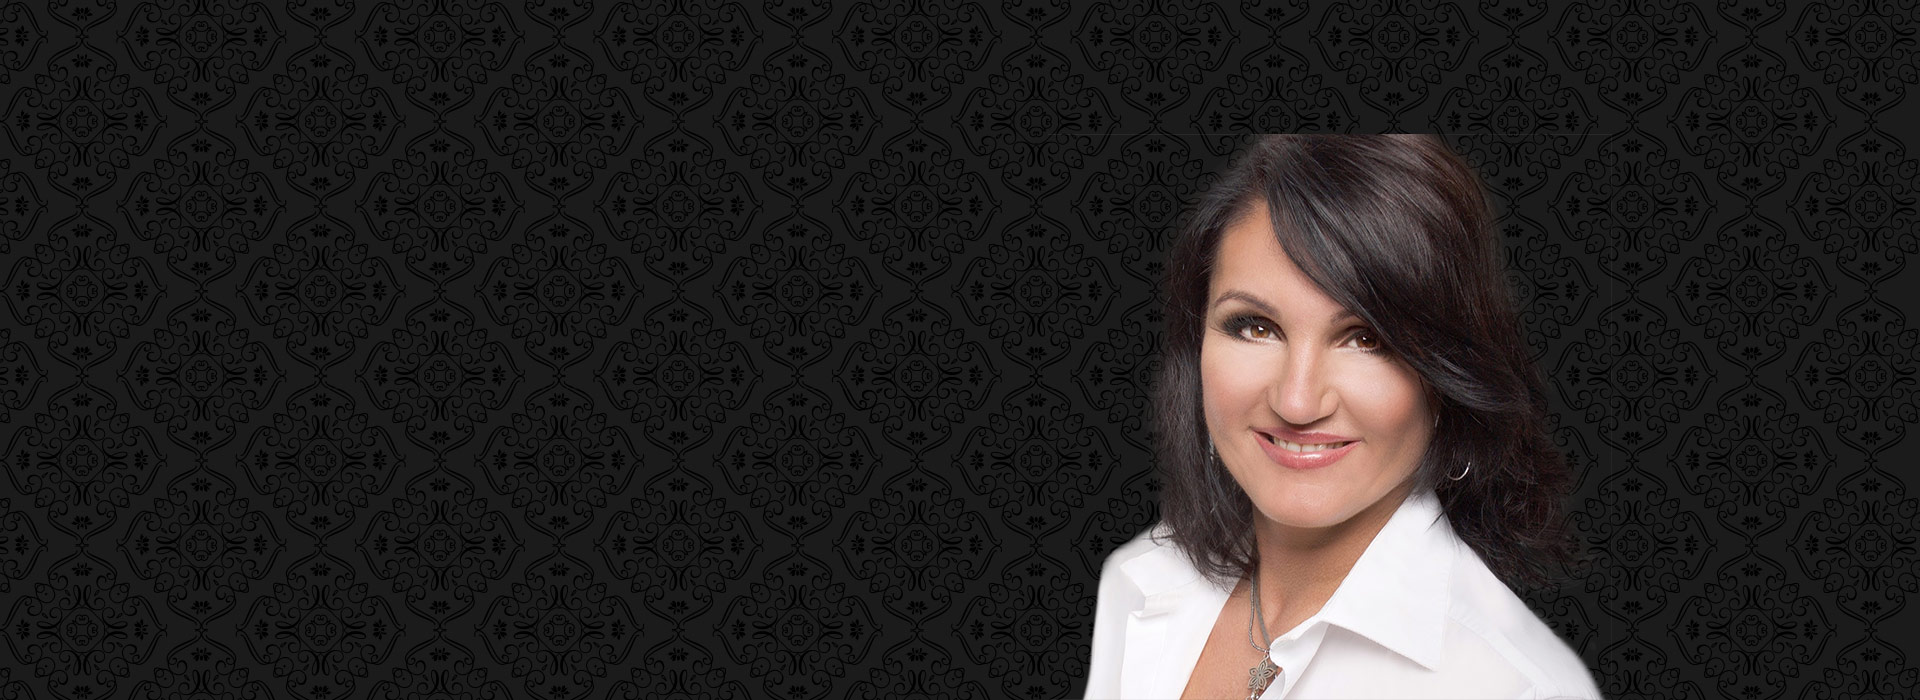 Ingrid Kruse - Kosmetik in Langenfeld